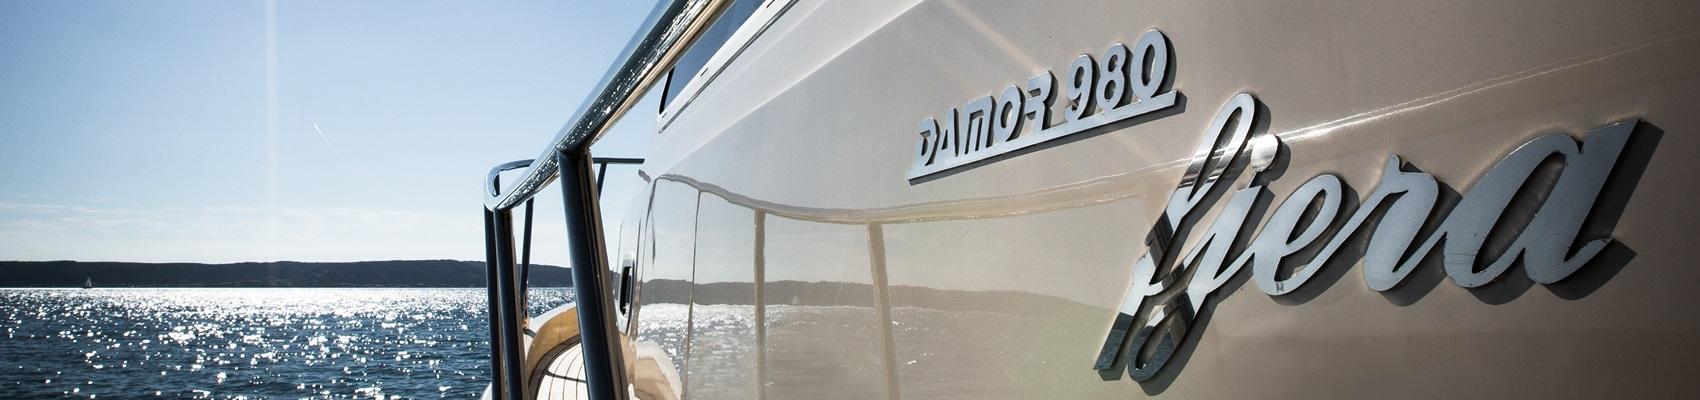 Damor 980 Fjera Brod